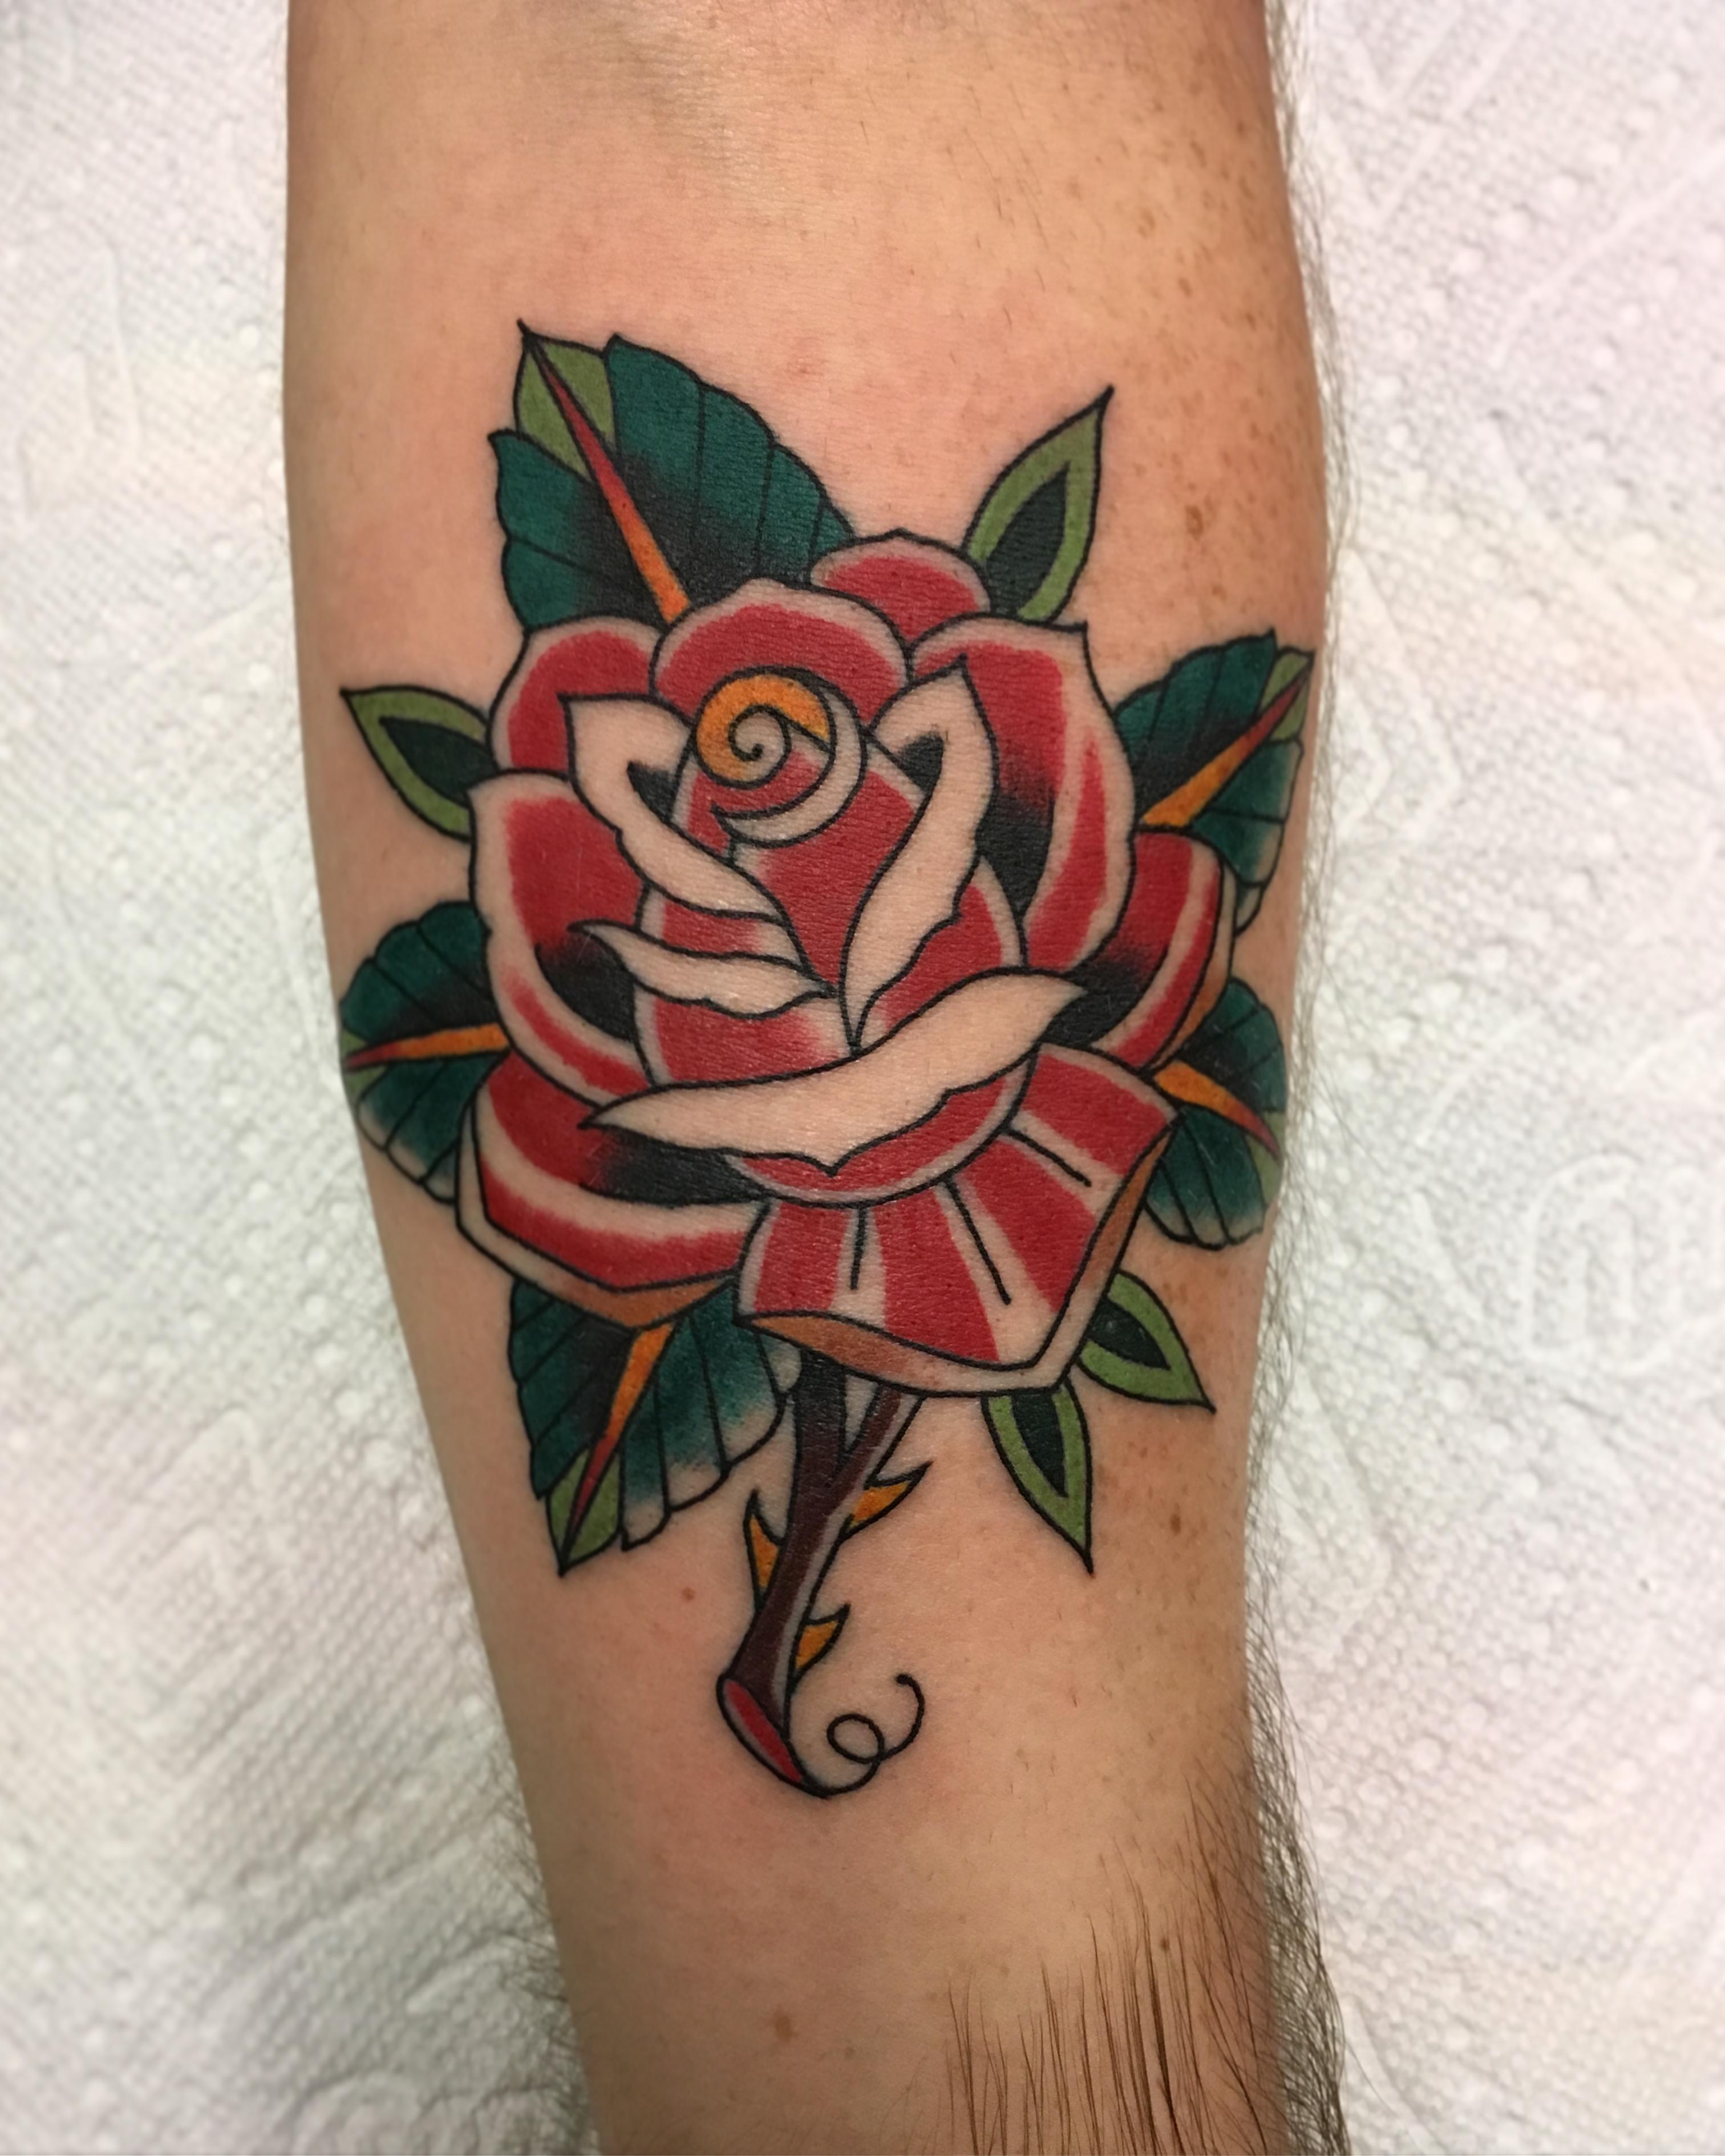 Andrew McDonald Tattoo 2019 Okanagan Tattoo Show & Brewfest Artist